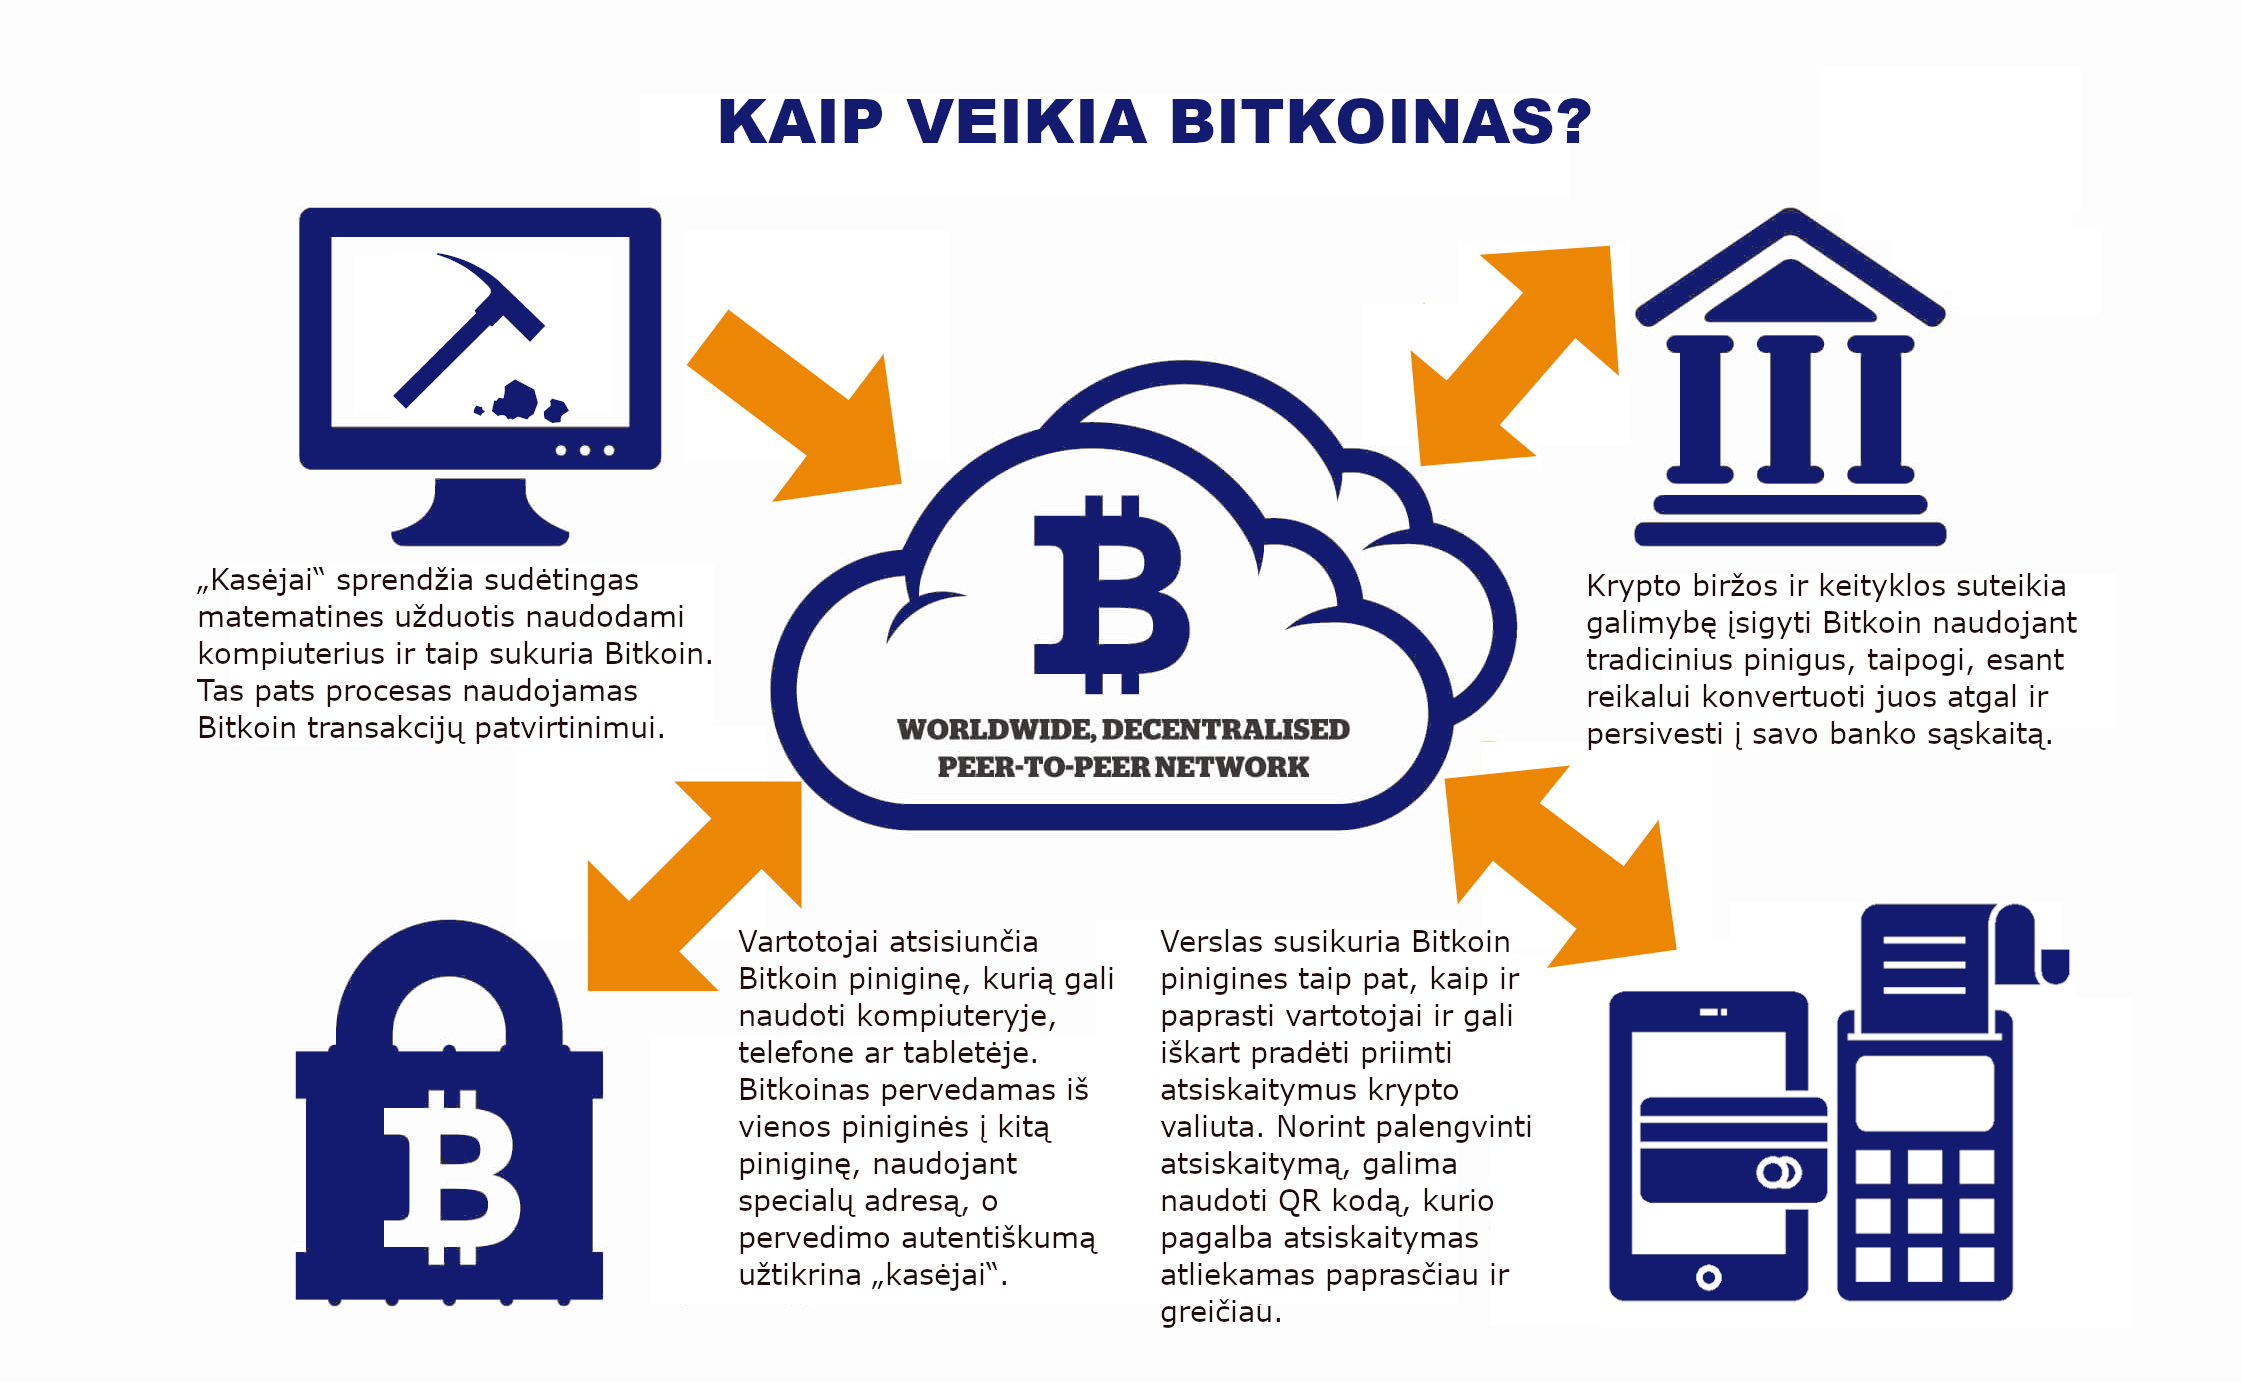 Kaip uždirbti realius pinigus iš bitkoino